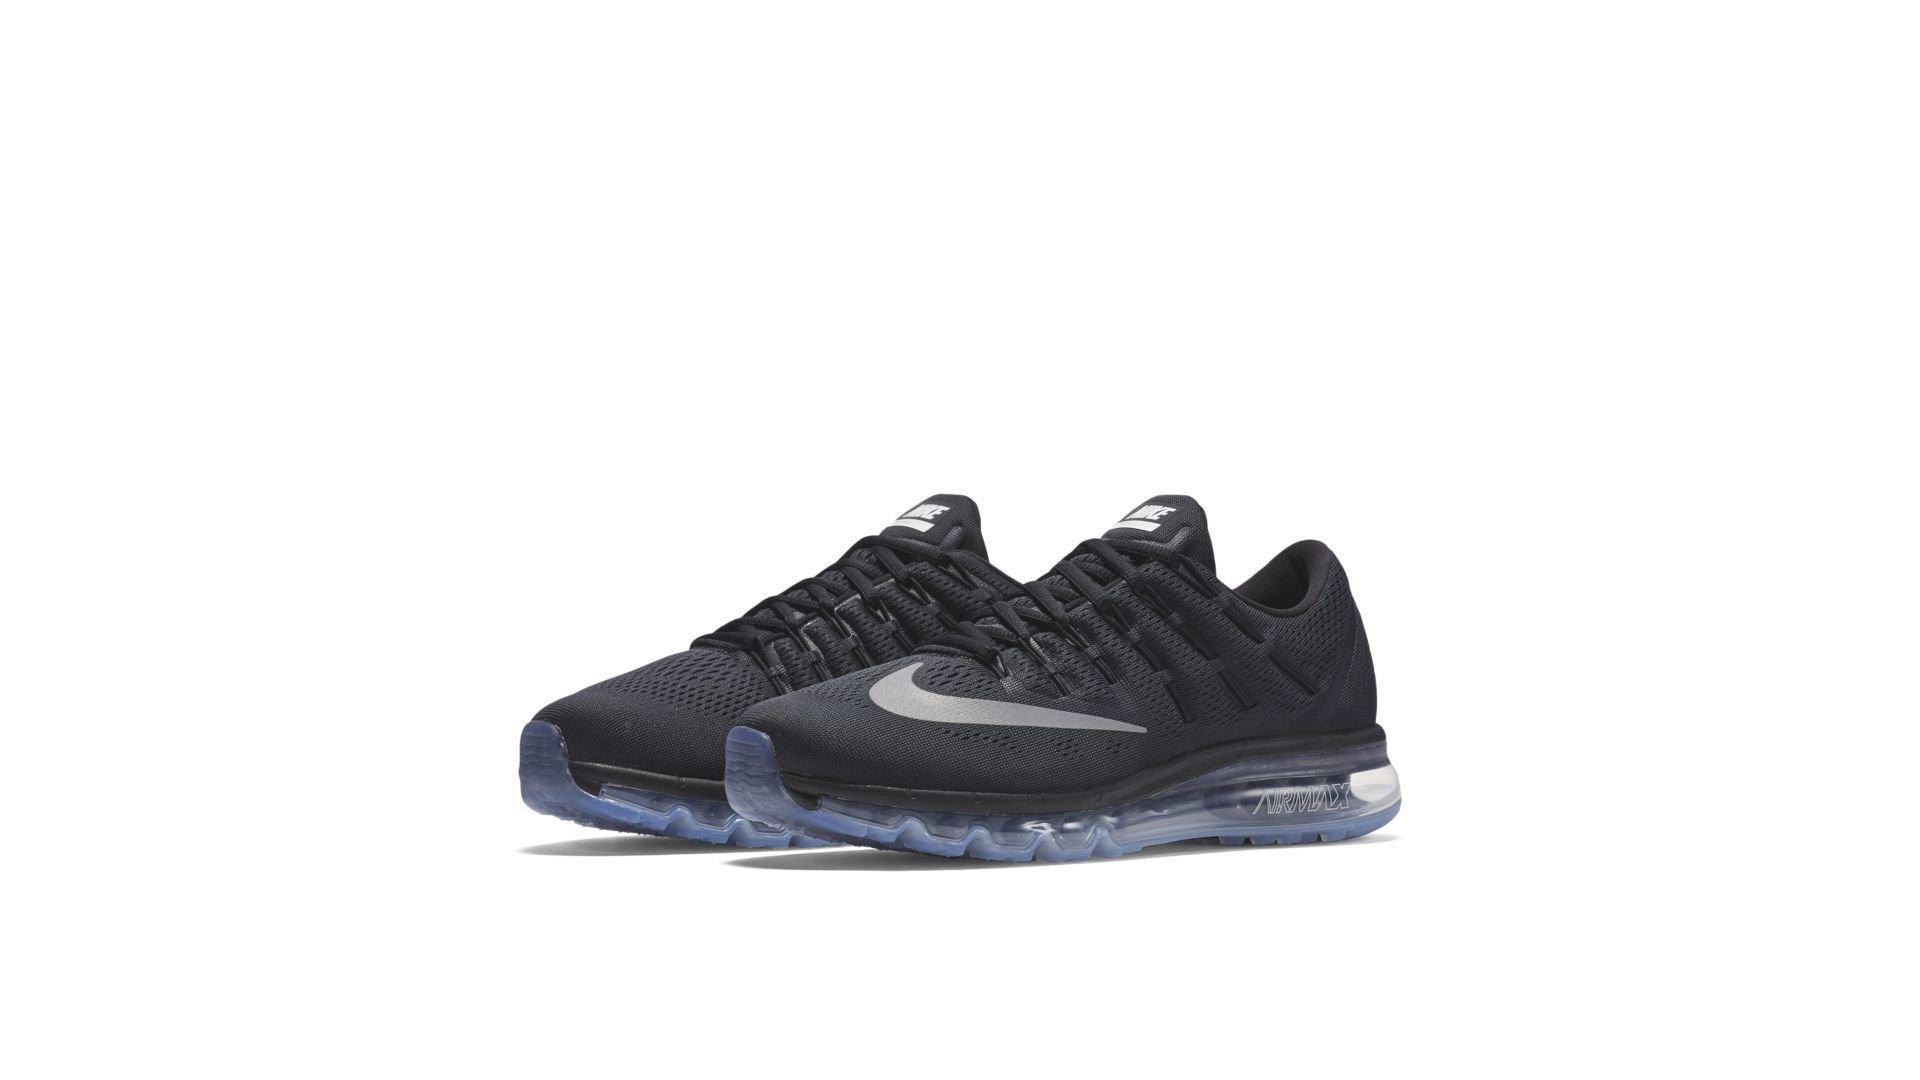 Nike Air Max 2016 Black Dark Grey (806771 001)